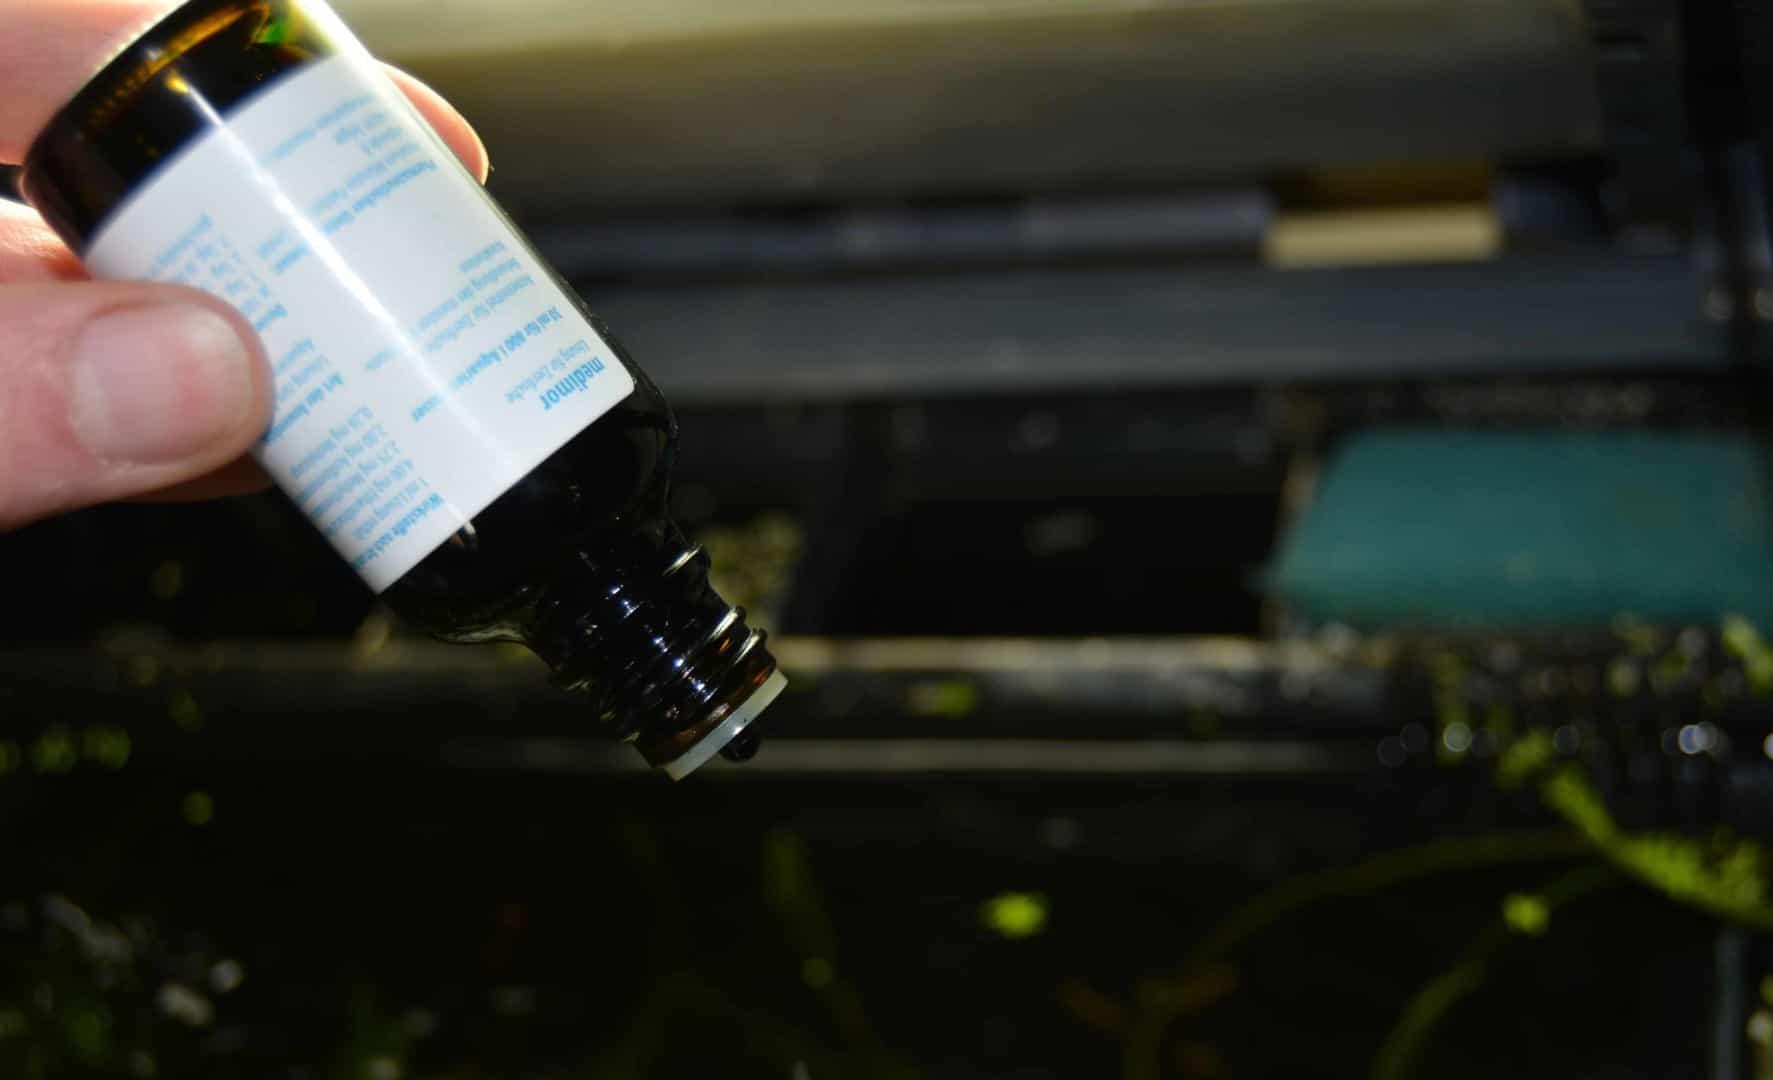 Mittel für dein Aquarium: Wasseraufbereiter - Anwendung und Wirkung 8